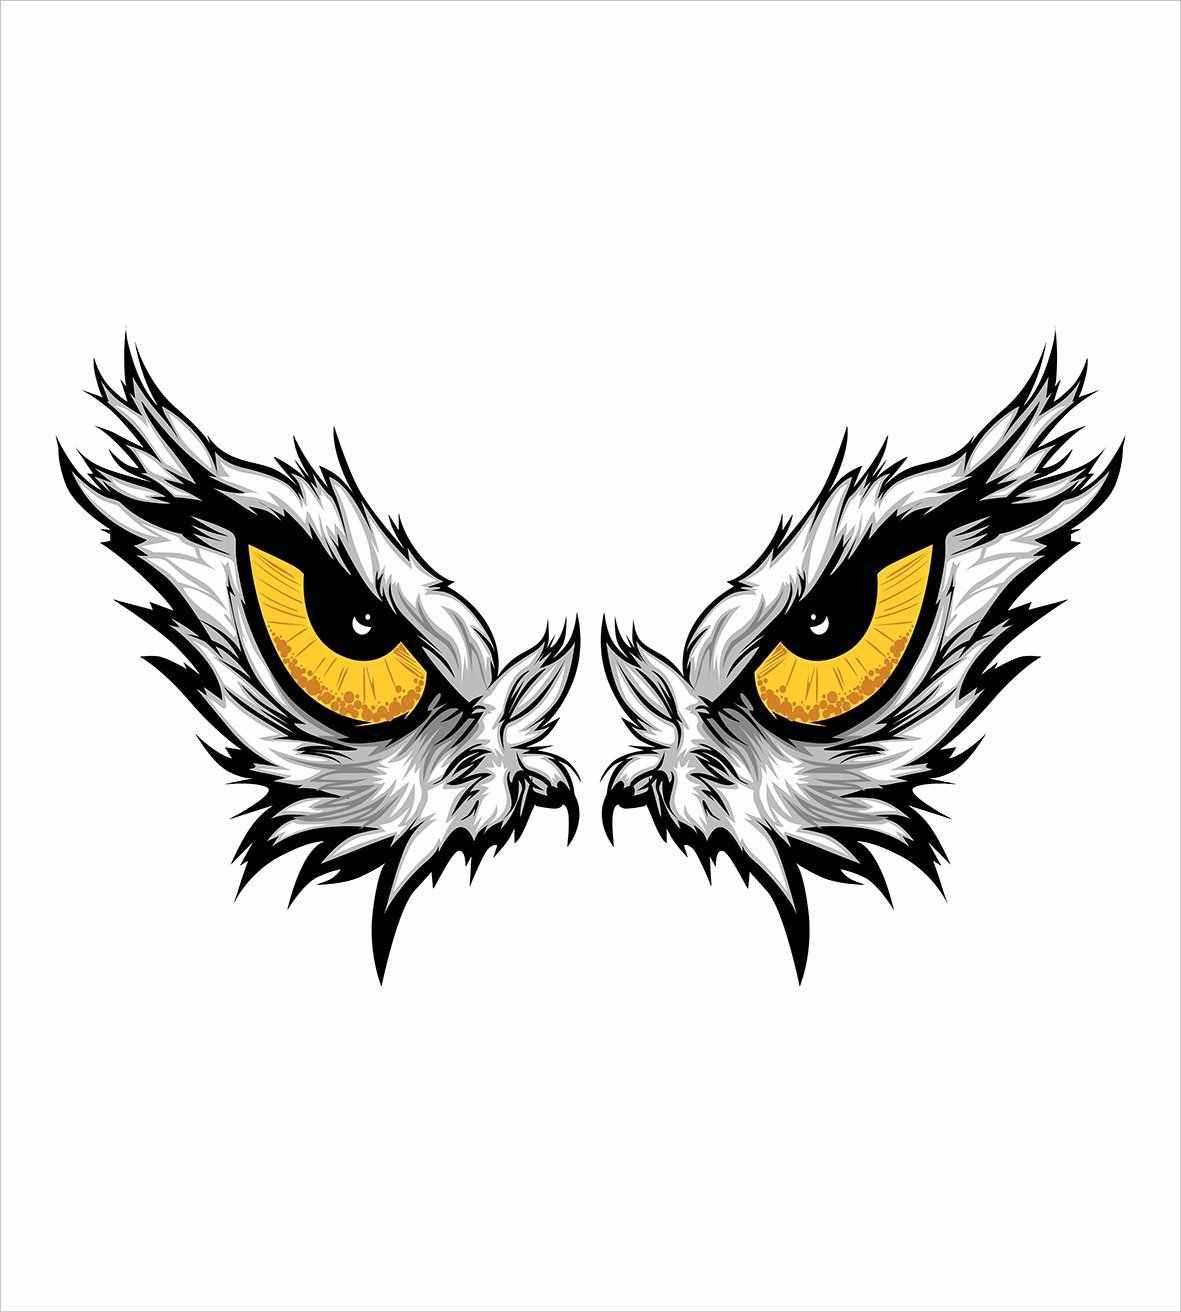 Ensemble housse de couette yeux regard agressif d'un oiseau de proie dessin animé mascotte chasseur faucon aigle Hawk ensemble de literie décoratif 4 pièces